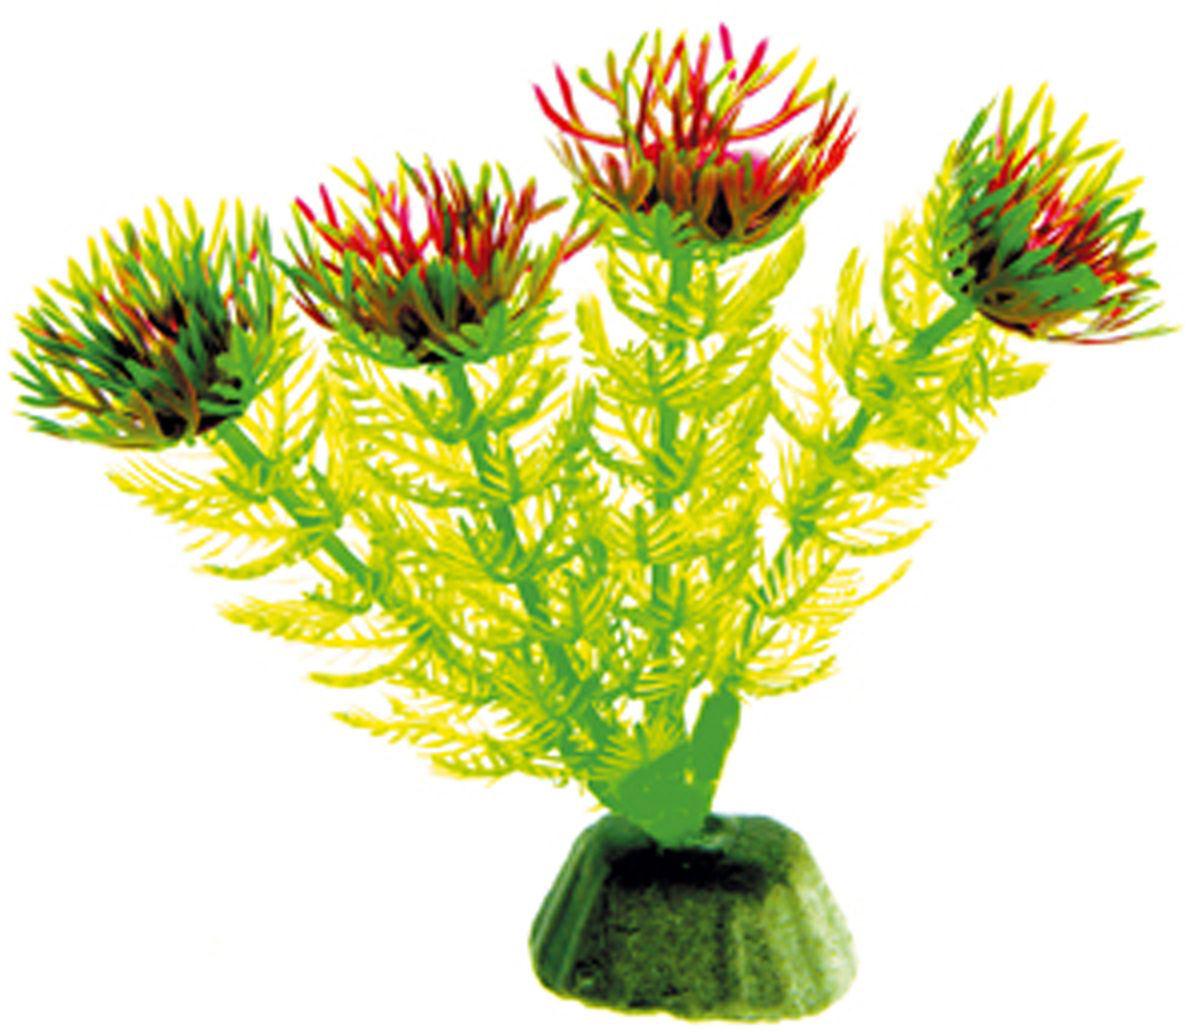 Искусственное растение для аквариума Dezzie, 10 см. 5602002 в москве магазины все для аквариума